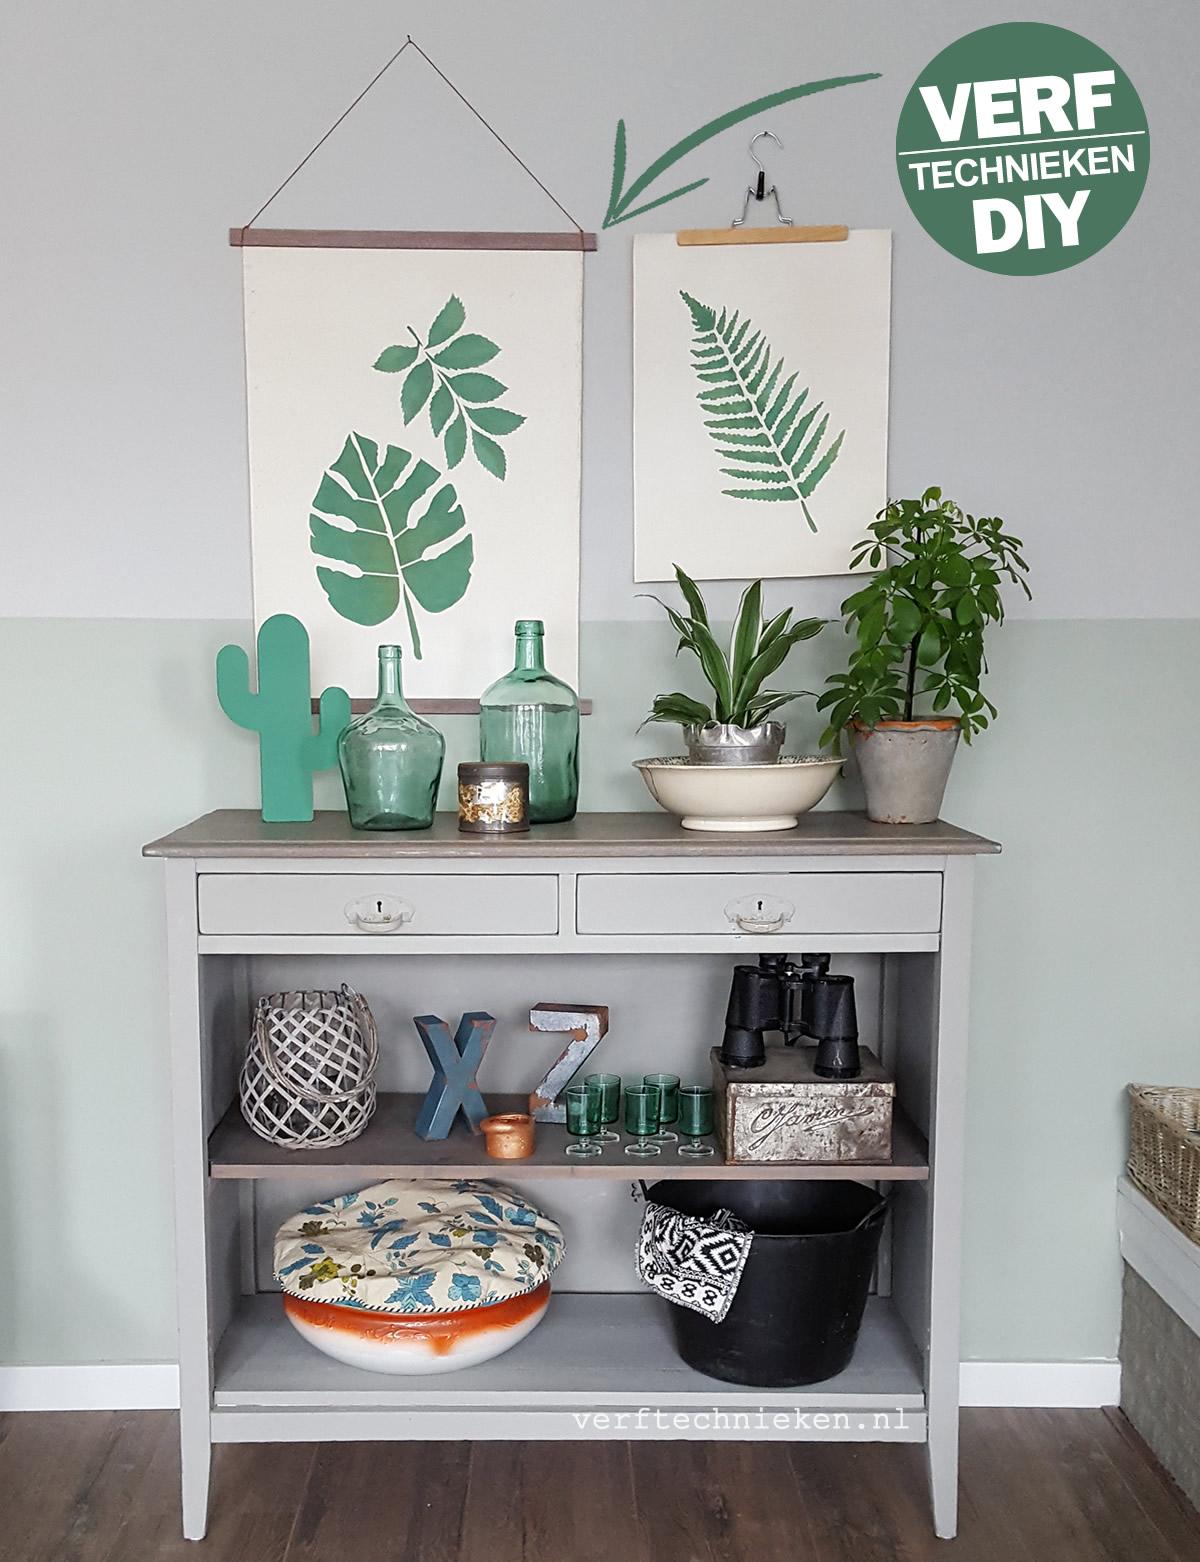 DIY Botanische Print zelfmaken Verftechnieken.nl